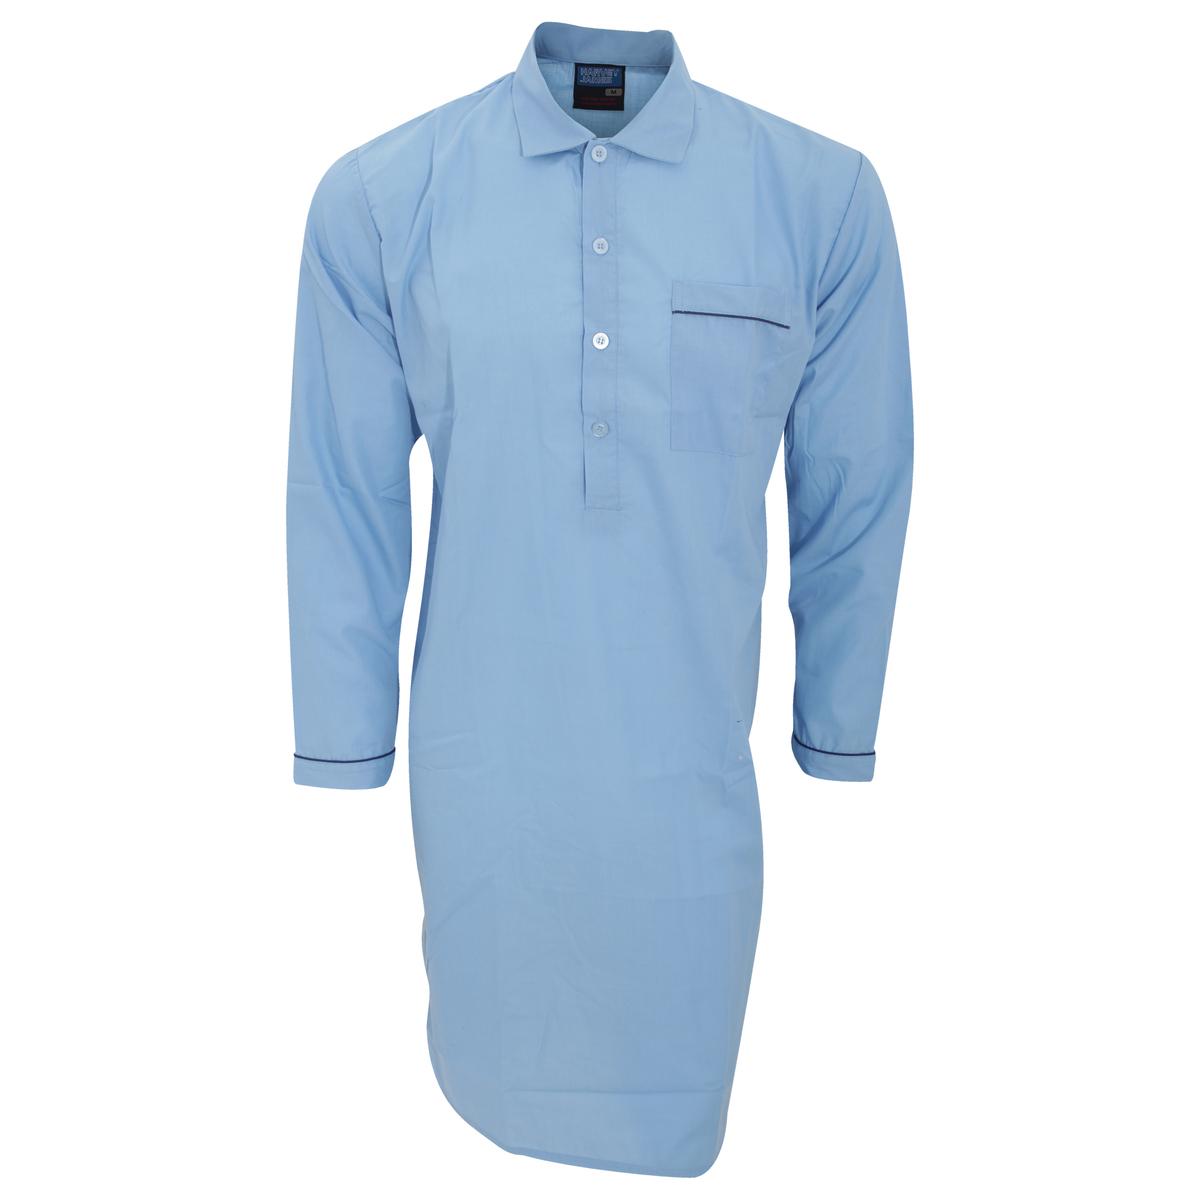 定番 寝巻き 在庫あり 部屋着 メンズパジャマ ナイトシャツ 紳士用パジャマ メンズ 無地 ナイトウェア 男性用 ルームウェア 長袖パジャマトップス トップス 海外通販 パジャマシャツ